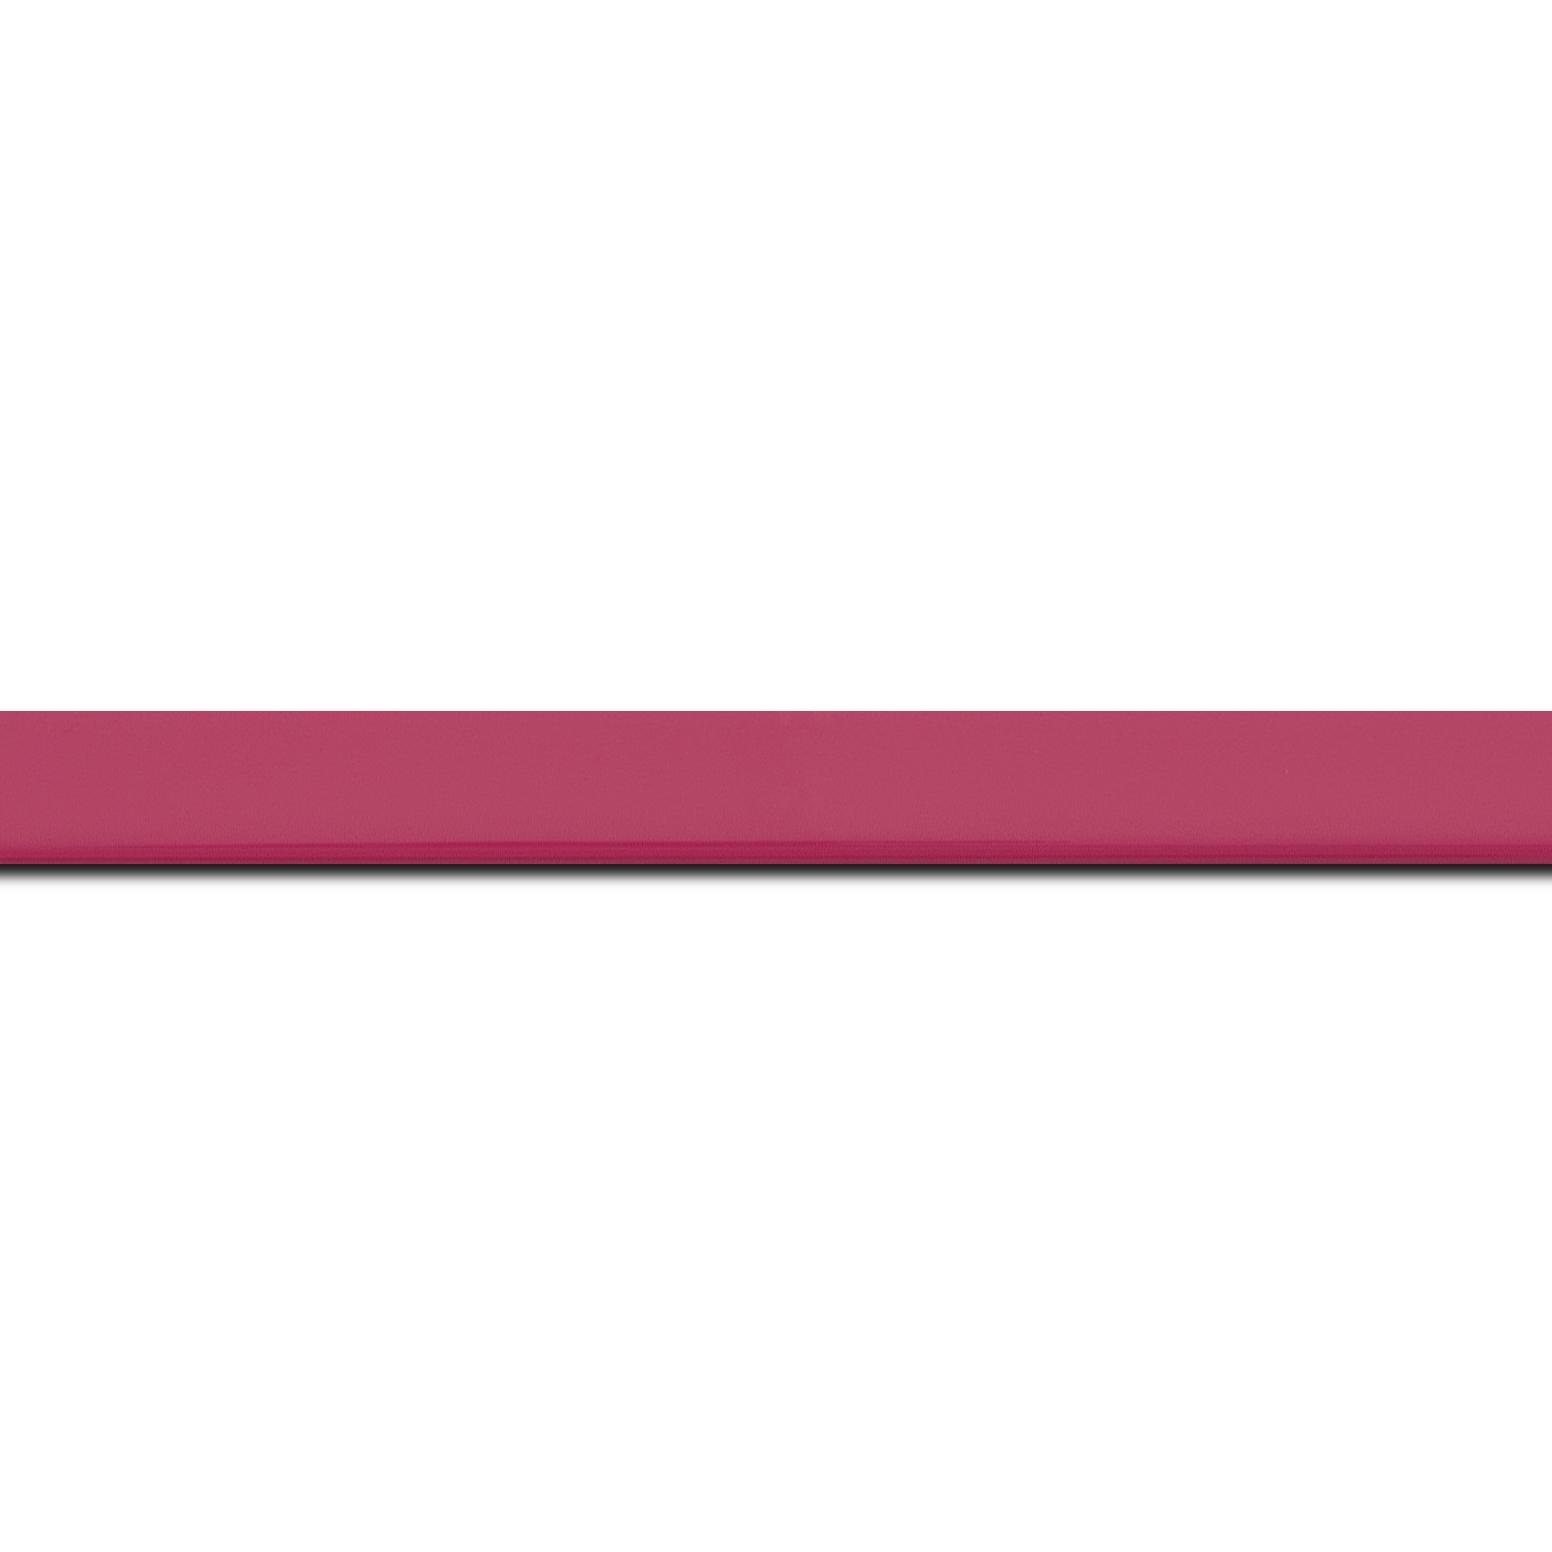 Baguette longueur 1.40m bois profil méplat largeur 1.4cm couleur rose tonique laqué